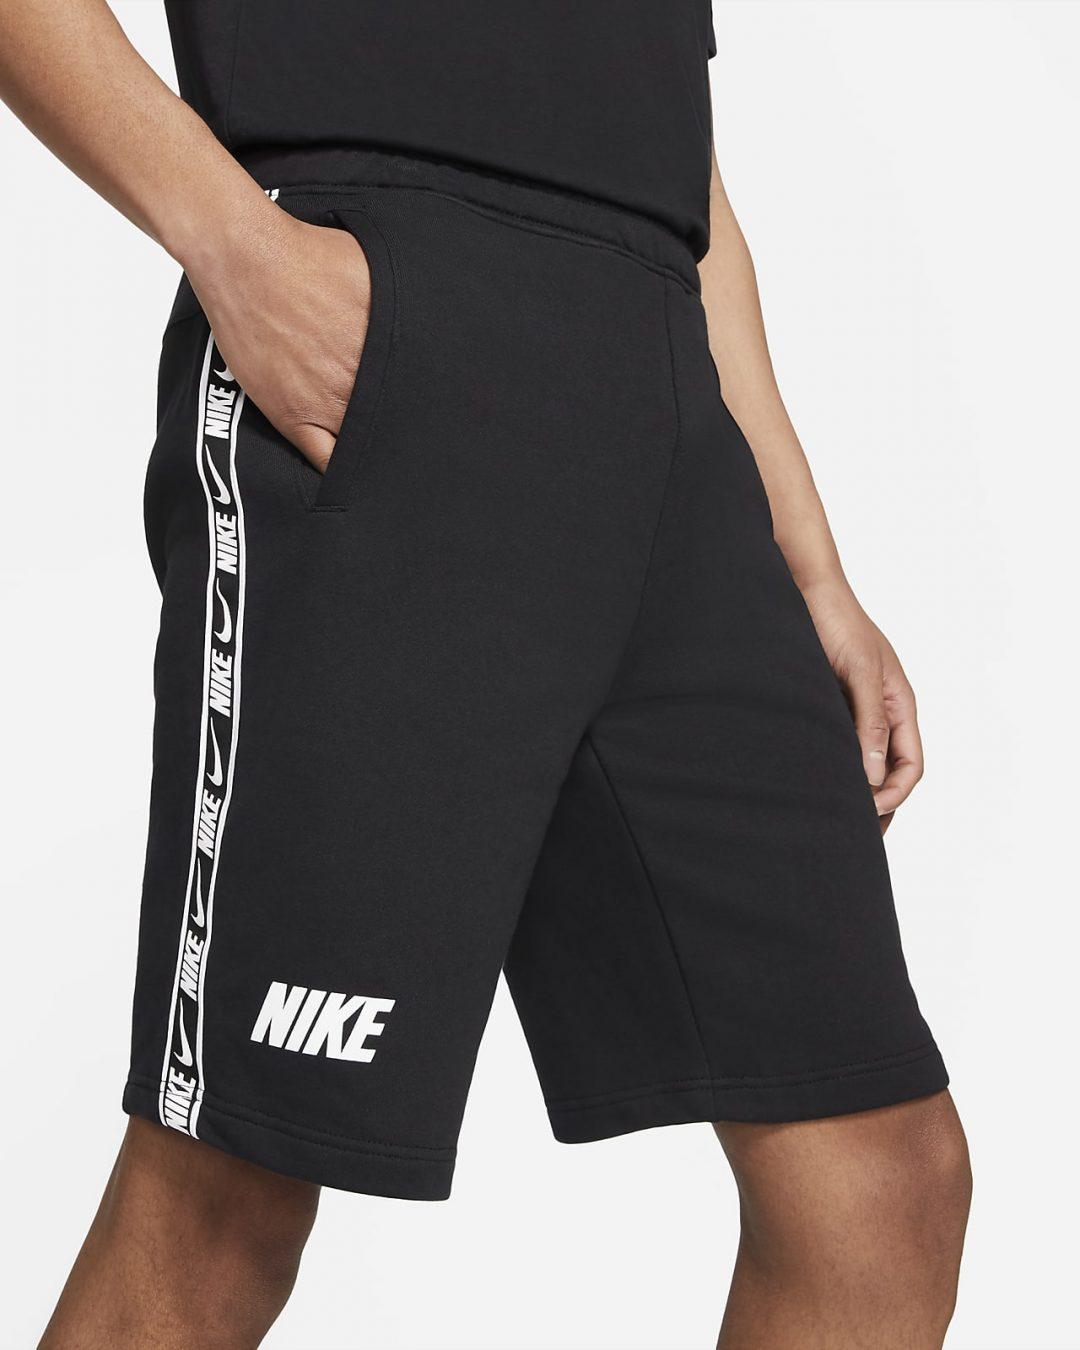 Nike kratke hlače 389kn, Vikend+ cijena 311.20kn